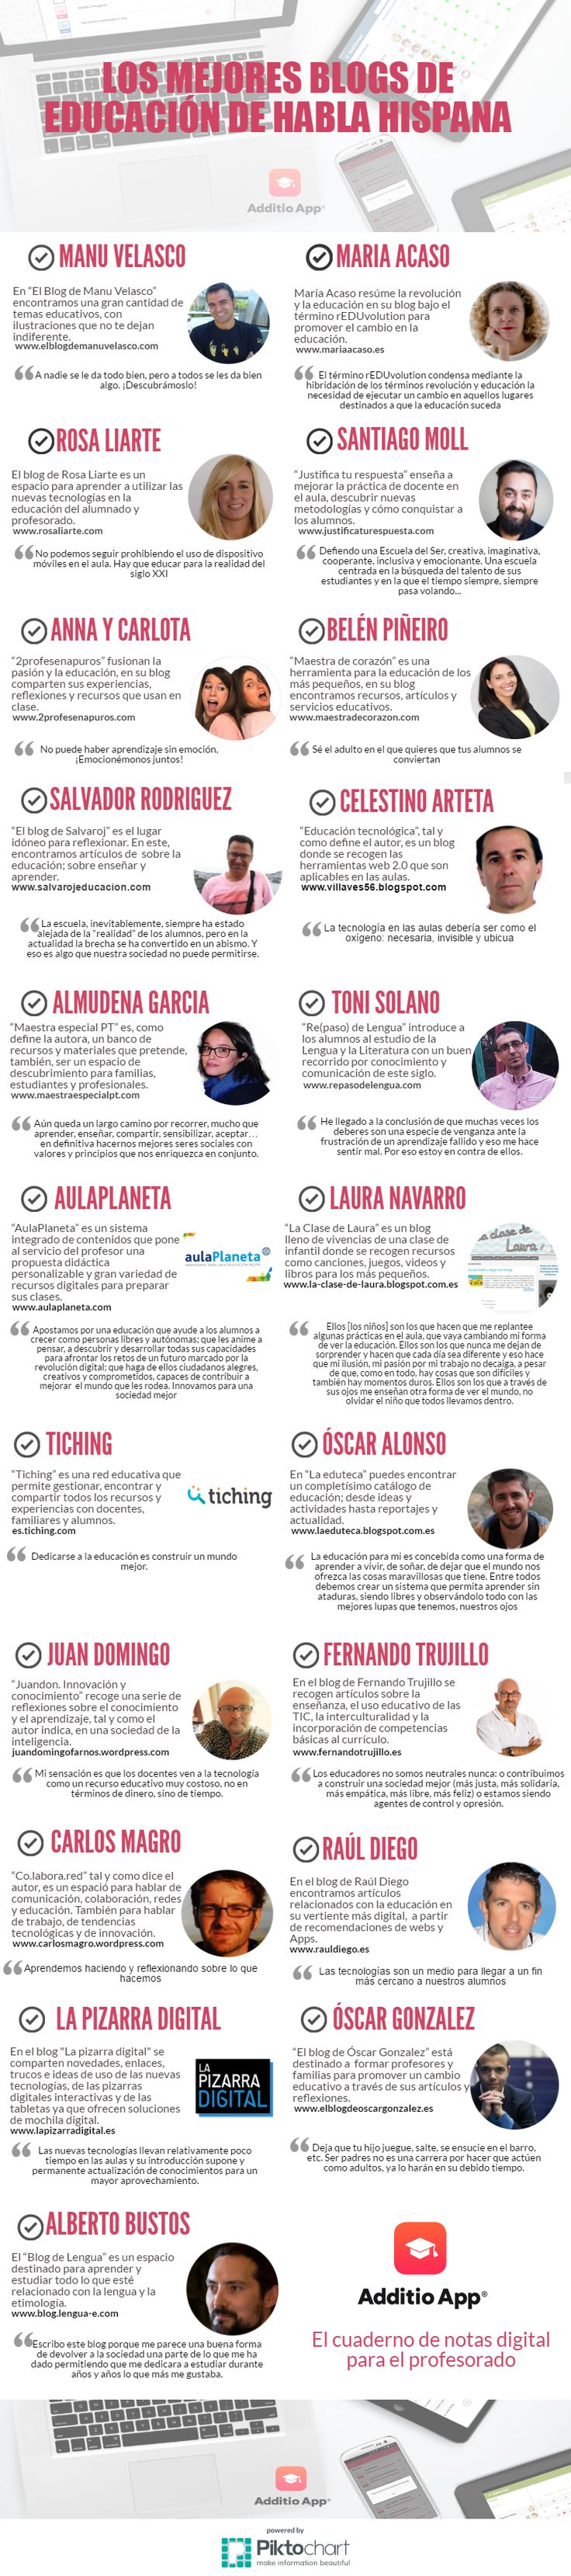 Los mejores blogs de educación de habla hispana | Additio - Cuaderno de notas para el profesor